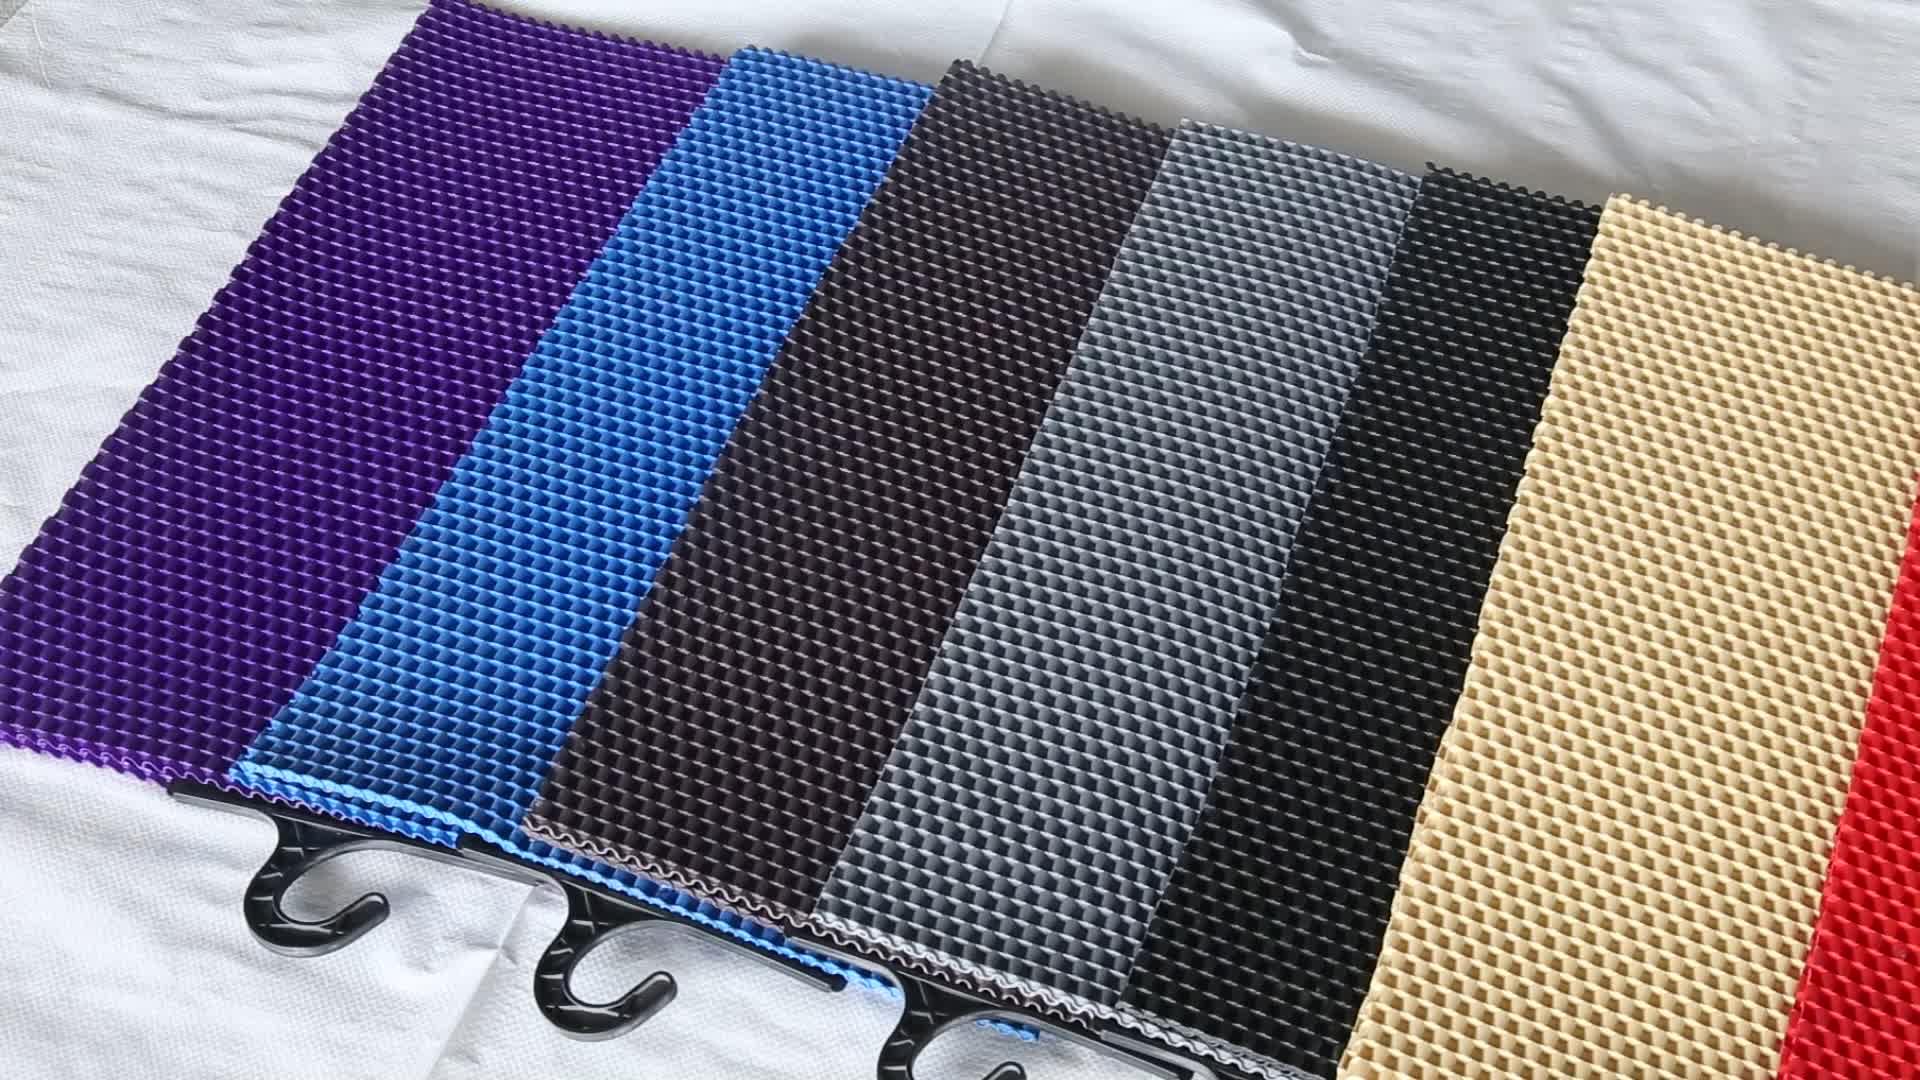 ユニバーサル快適なカーペット卸売pvcチェーン車のフロアマットプラスチック床マットロール